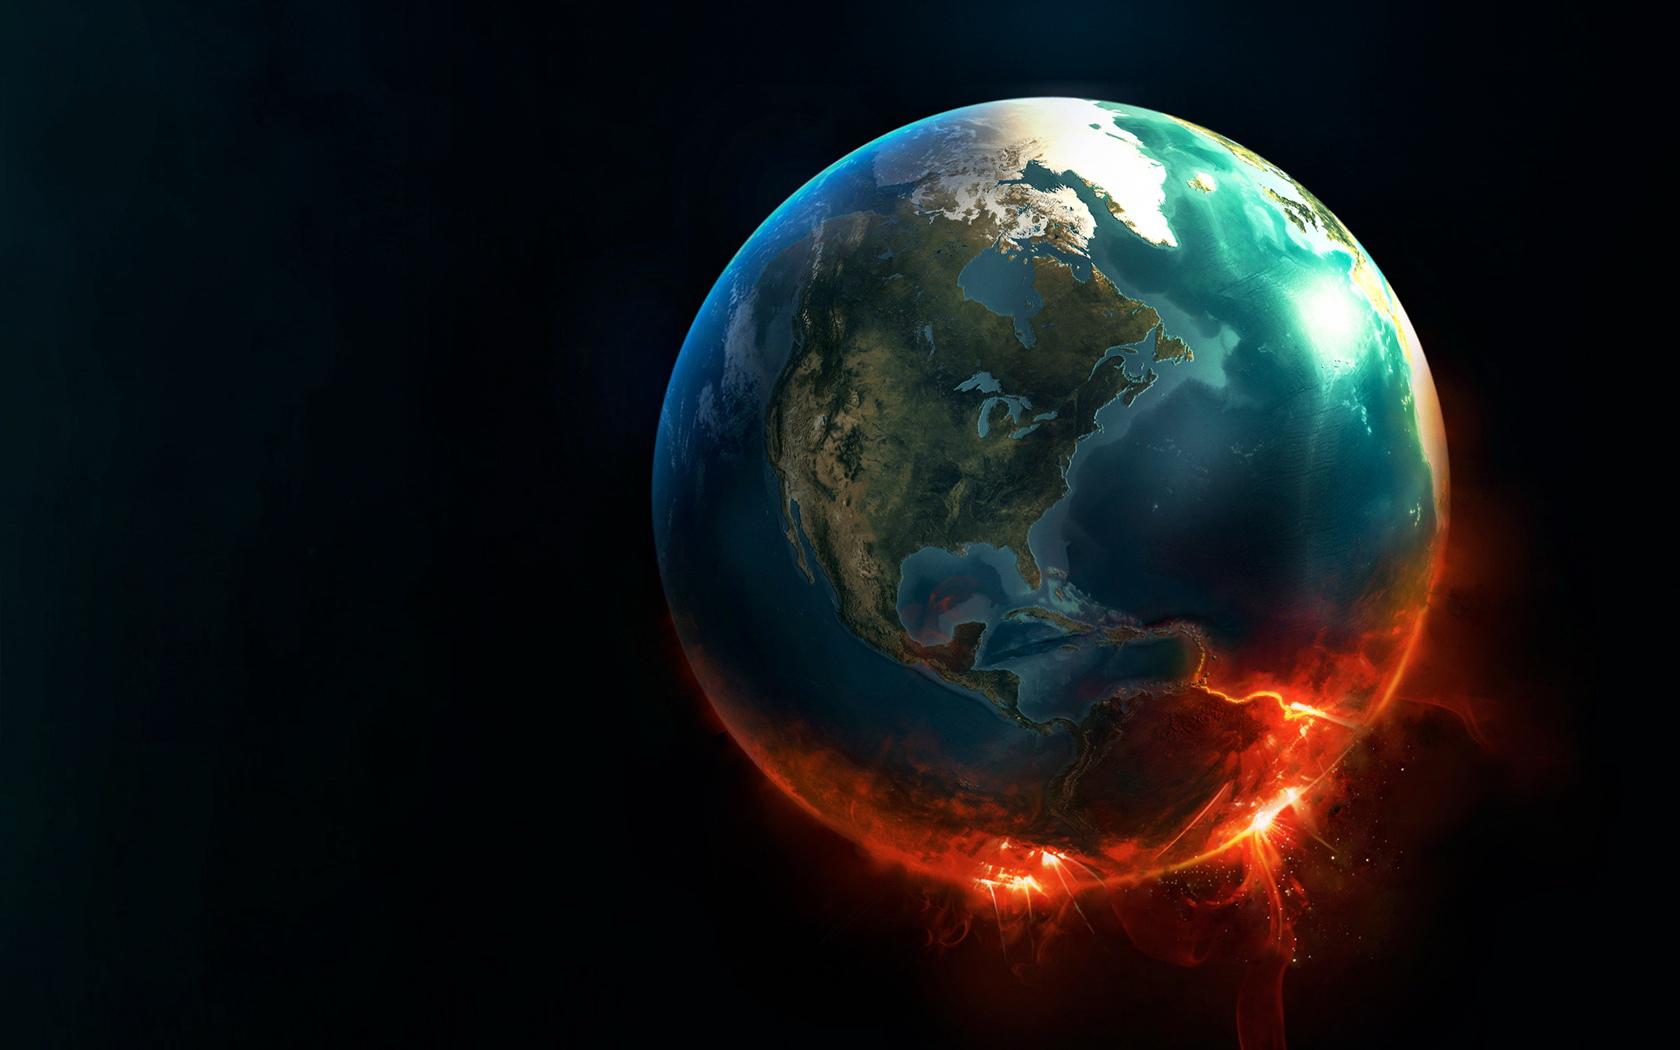 世界人民战胜 2012末日 地球还能再活50亿年 科学文明战胜玛雅预言